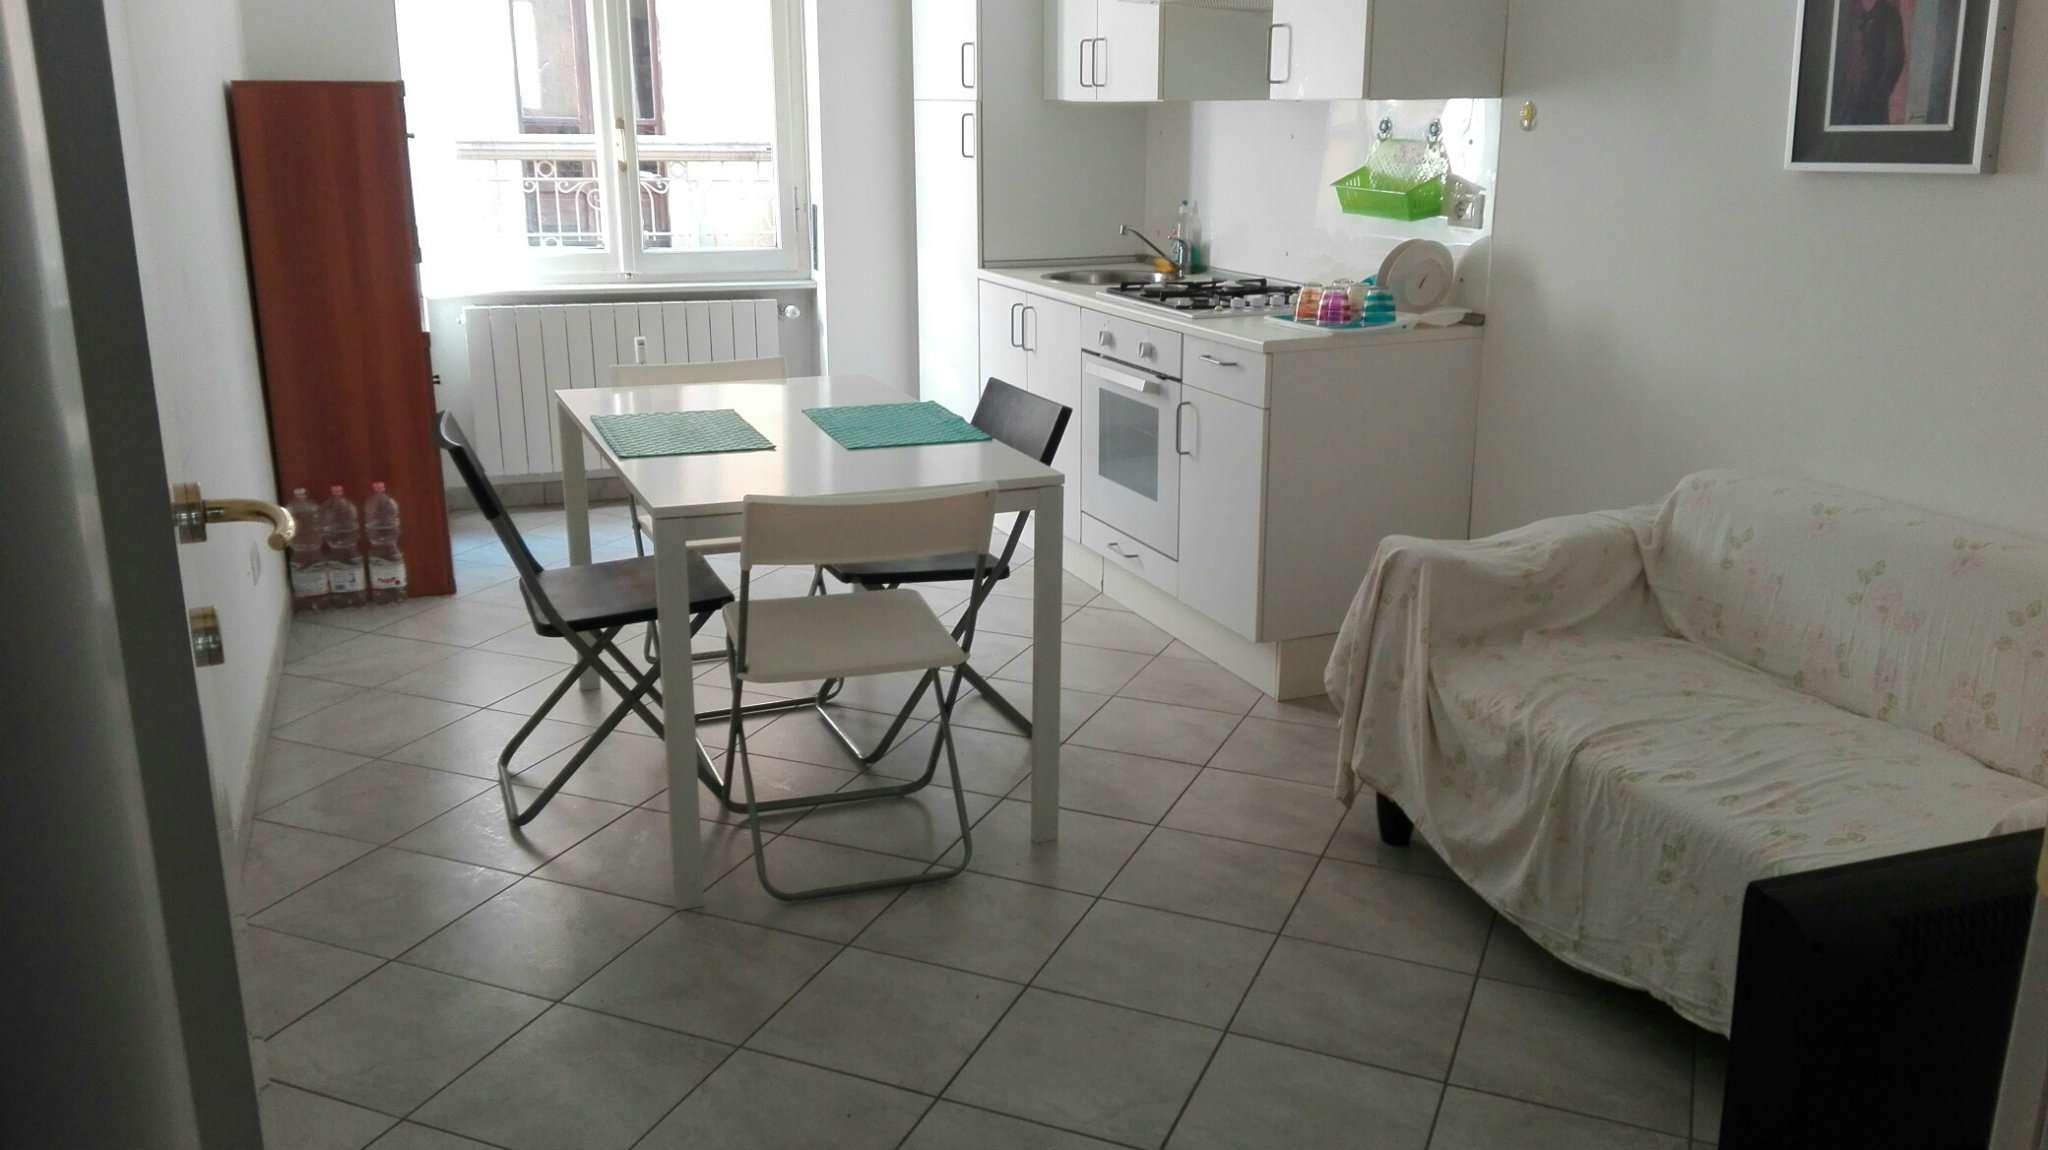 Appartamento in affitto a Alessandria, 2 locali, prezzo € 400 | CambioCasa.it